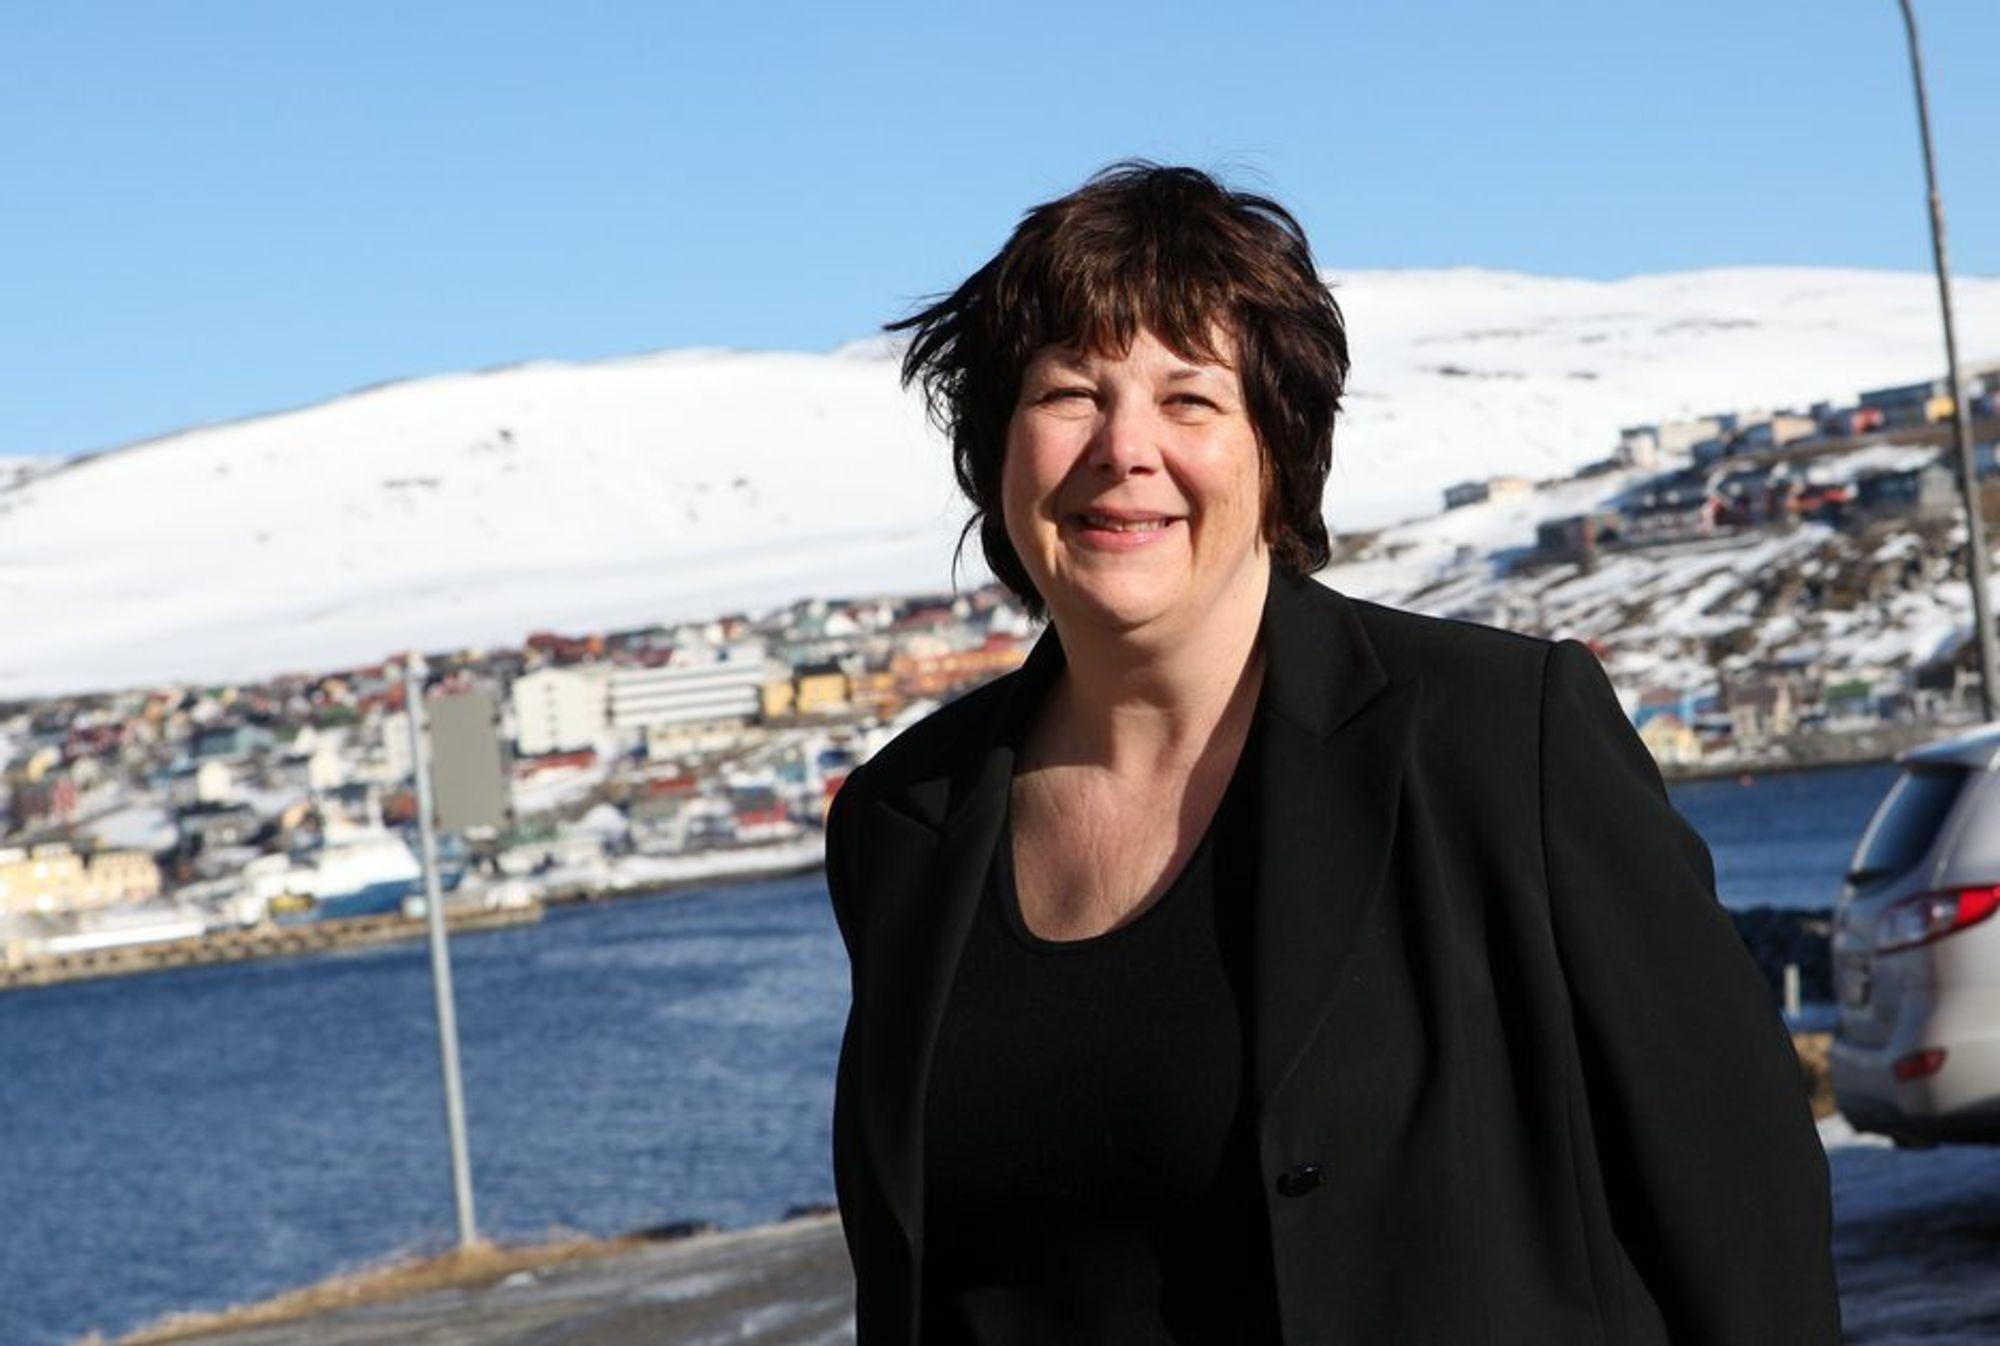 FORNØYD: Oljedirektør Bente Nyland smilte fra øre til øre hver gang Avaldsnes-funnet ble nevnt under presentasjonen av Oljedirektoratets ressursrapport i dag. (arkivfoto)